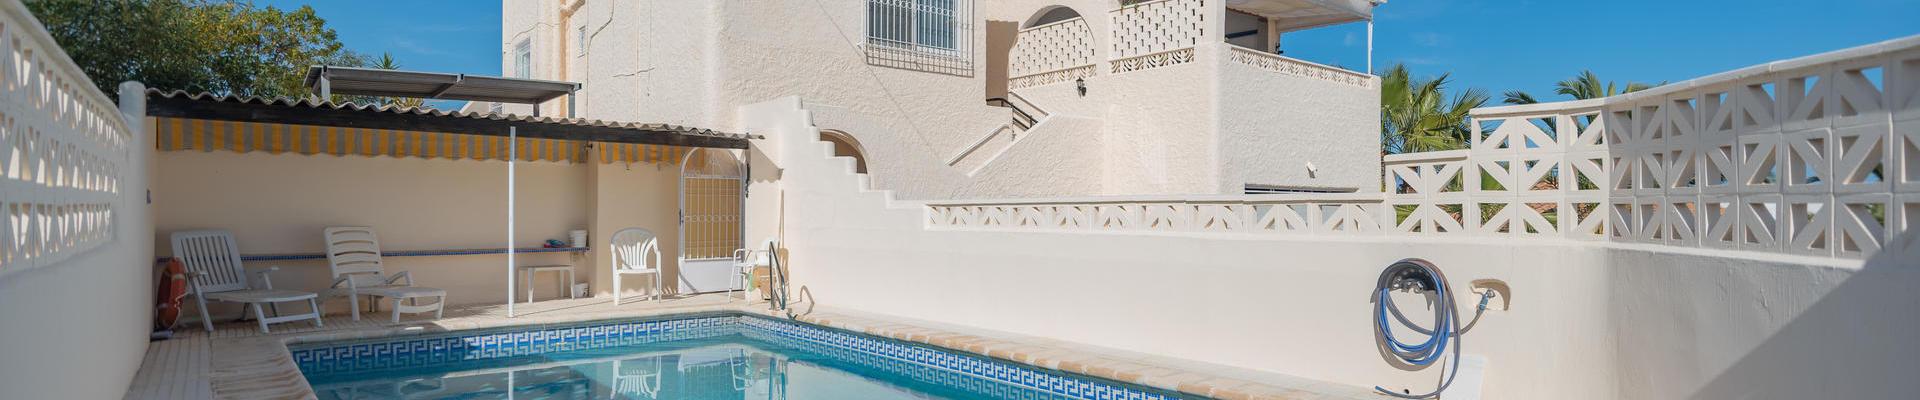 DV1500: 3 Bedroom Villa for Sale